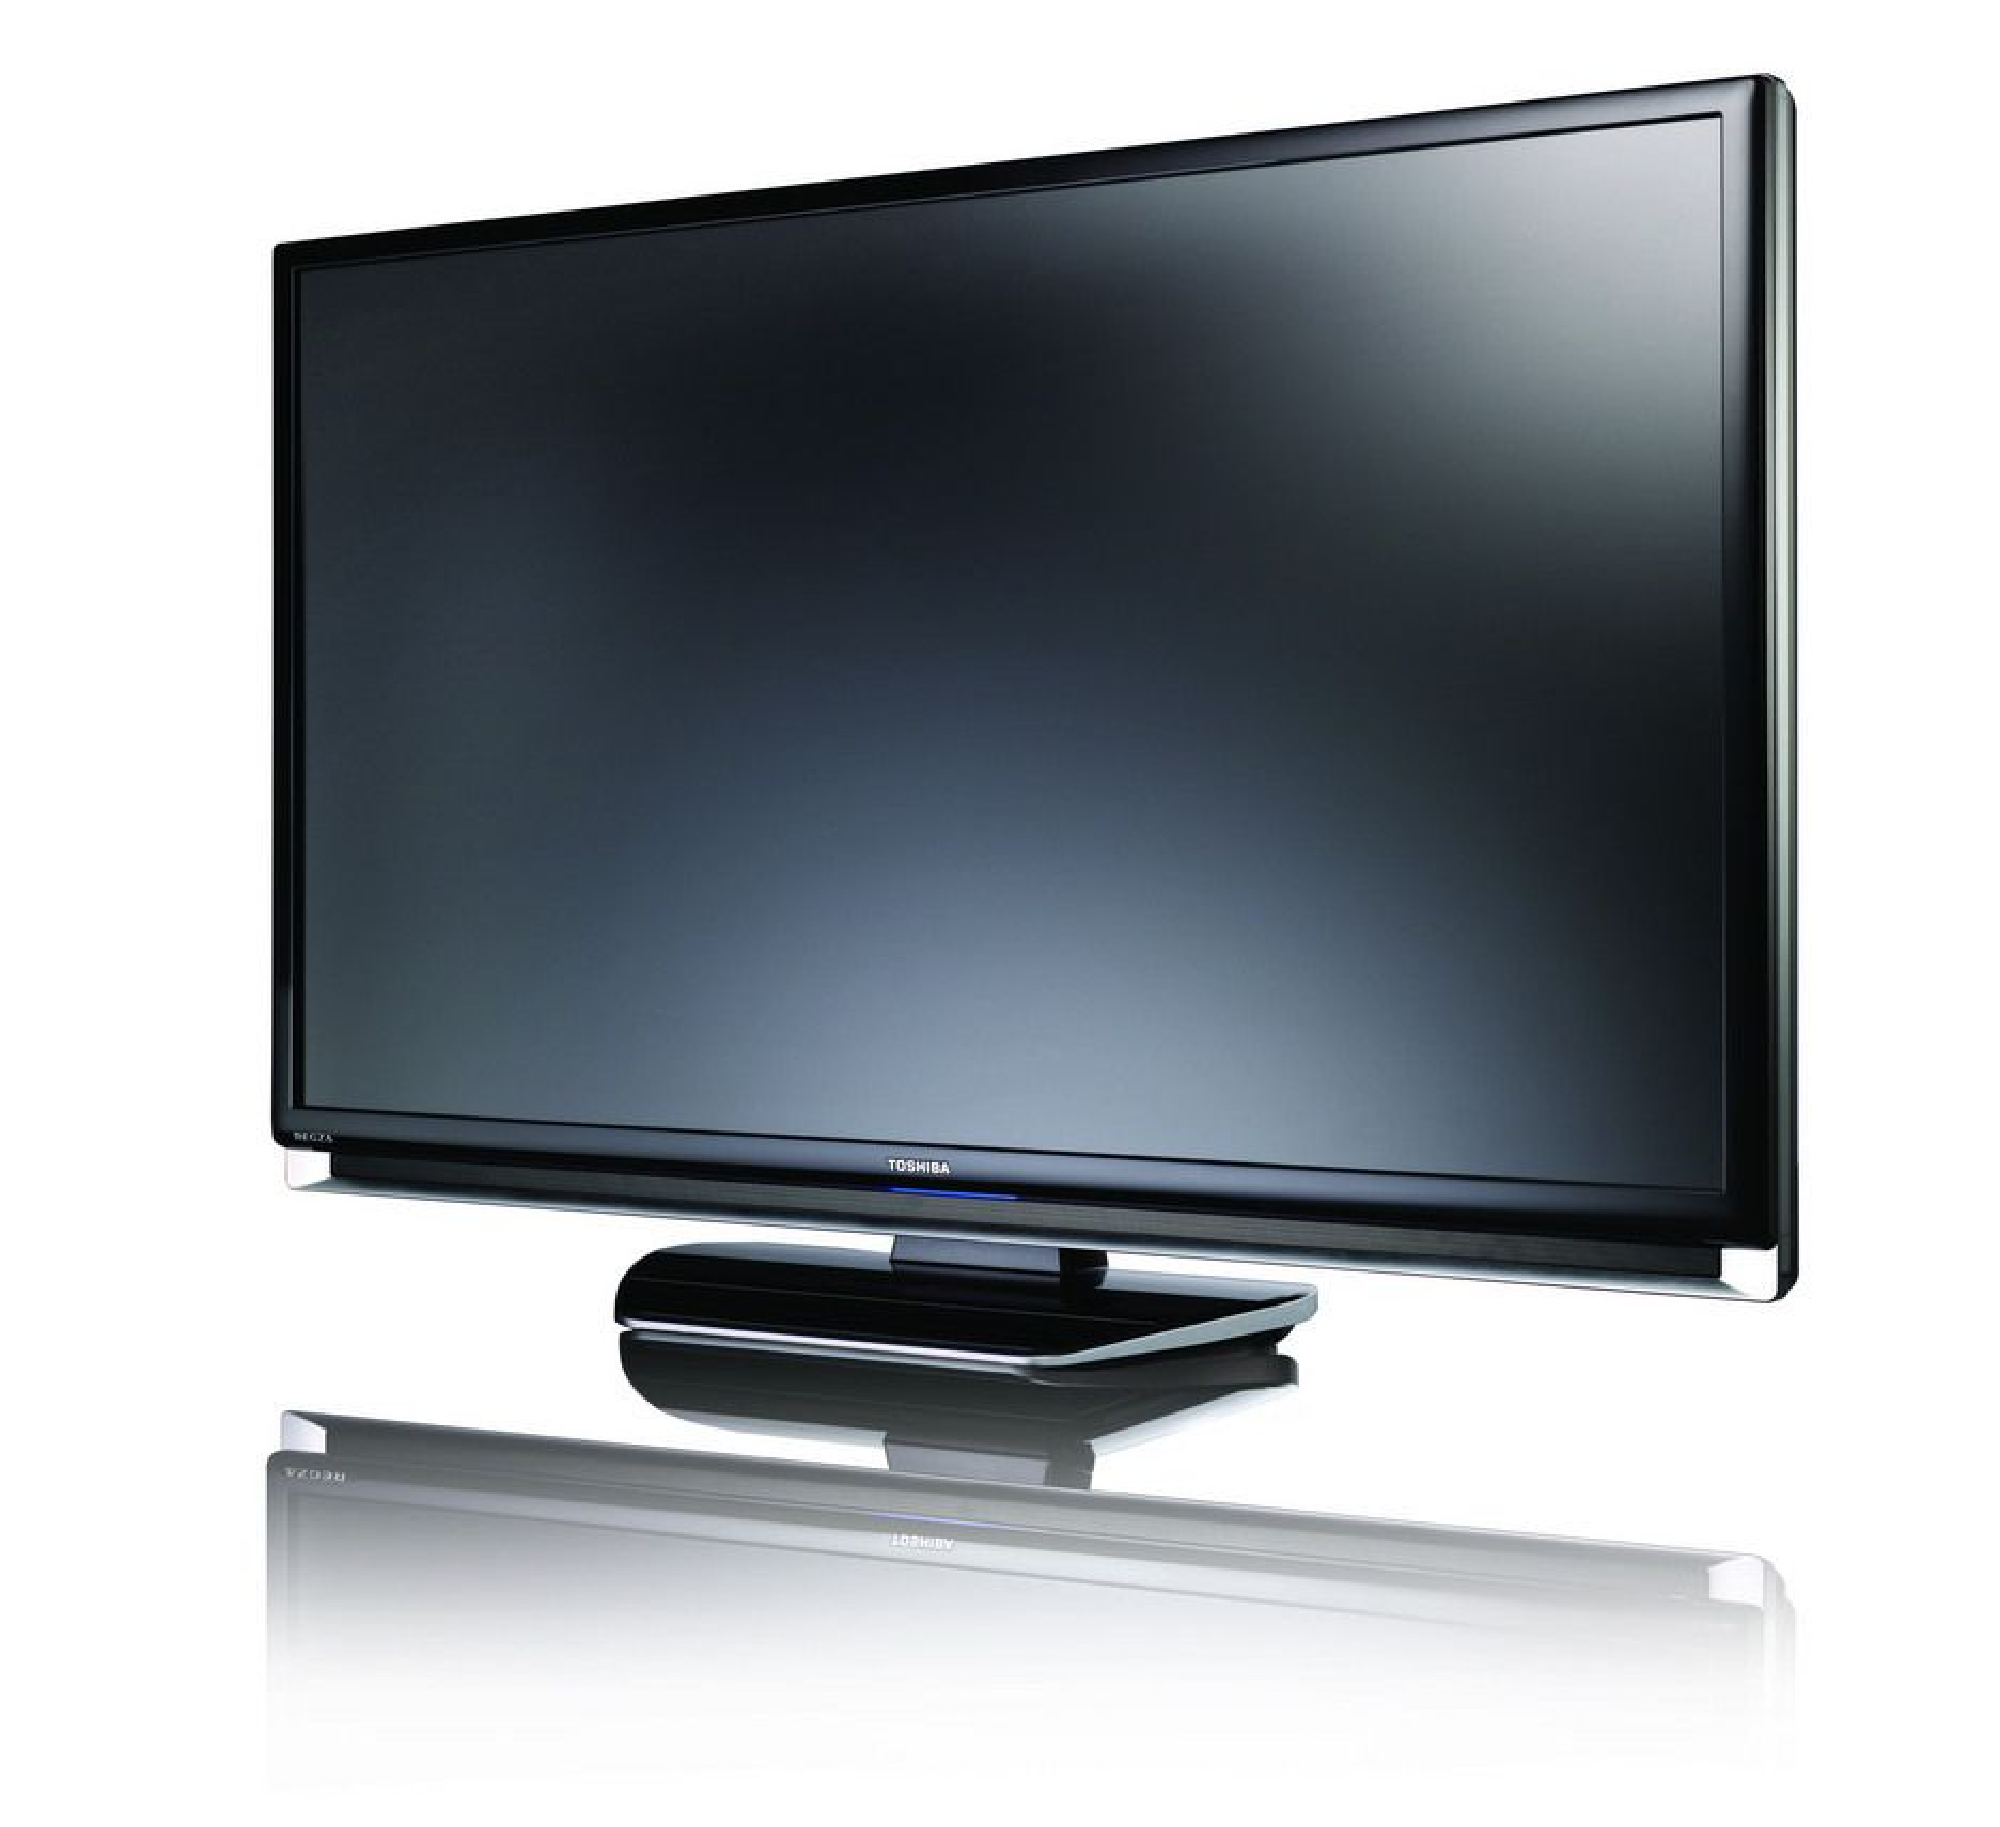 ALLE VIL HA FLATSKJERM: Salget av flatskjermer ble over doblet i fjor. Over en halv million skjermer ble kjøpt i 2007.